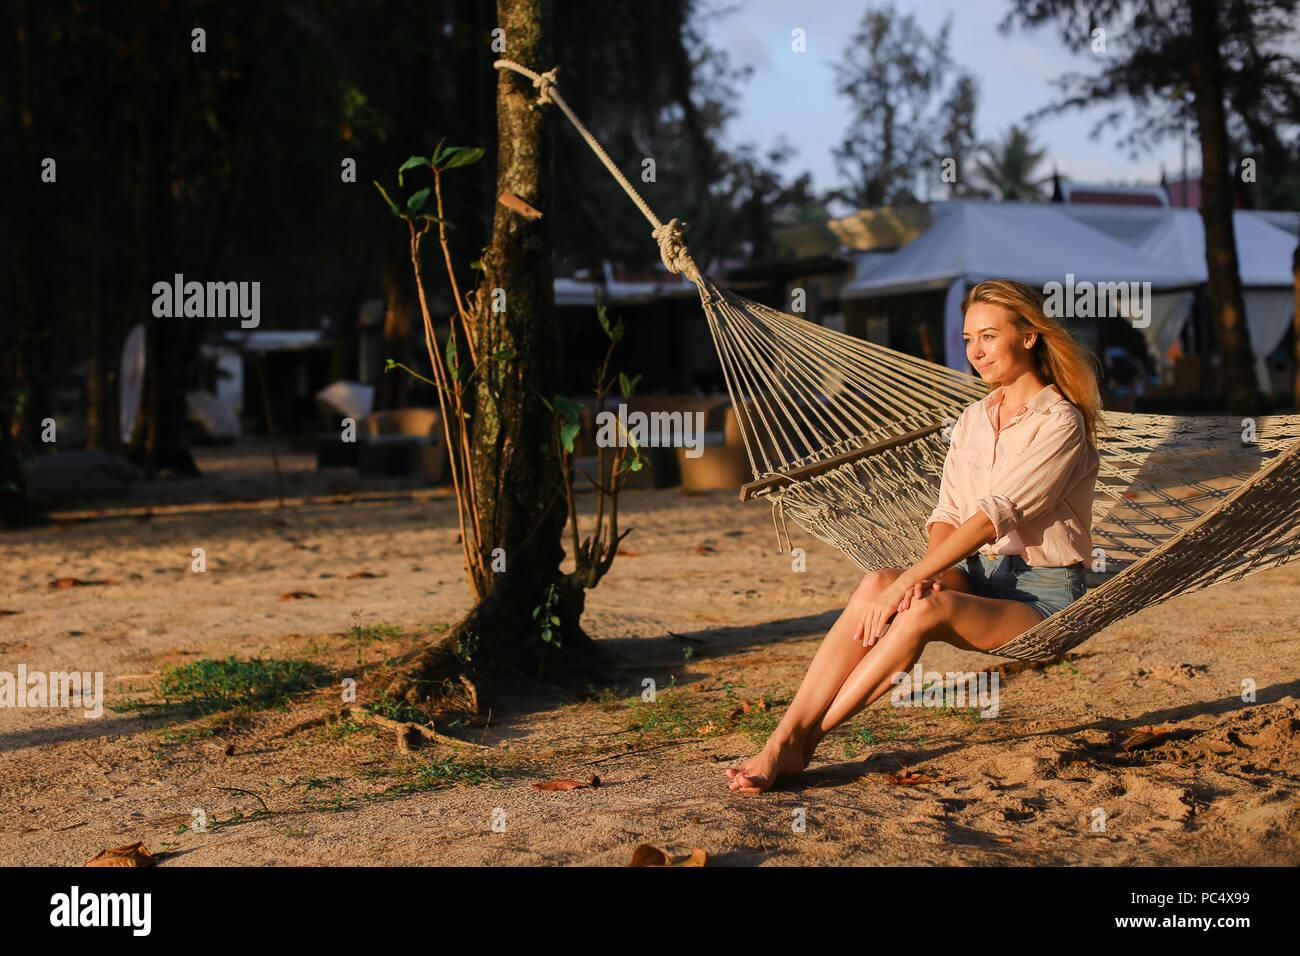 Junge kaukasier barfuß Frau ruht auf Sand in weissen Korbmöbeln Hängematte. Stockbild